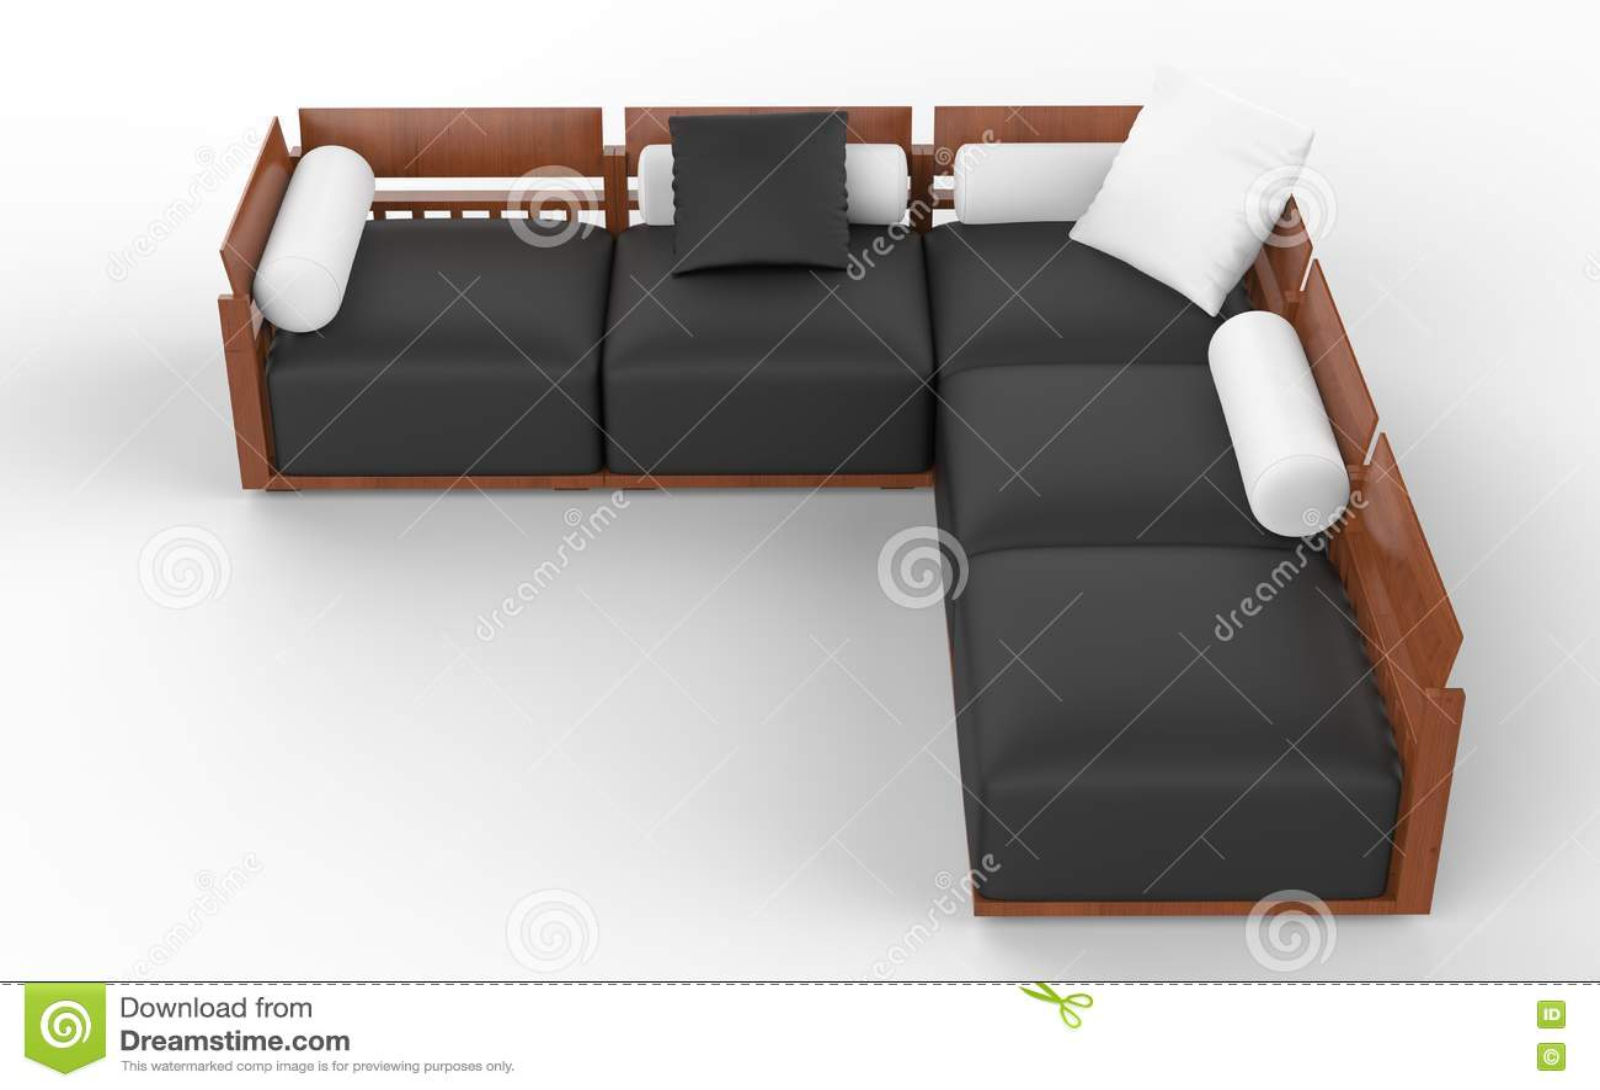 Sofa faisant le coin avec les appuis-tête en bois, les sièges noirs et les oreillers blancs